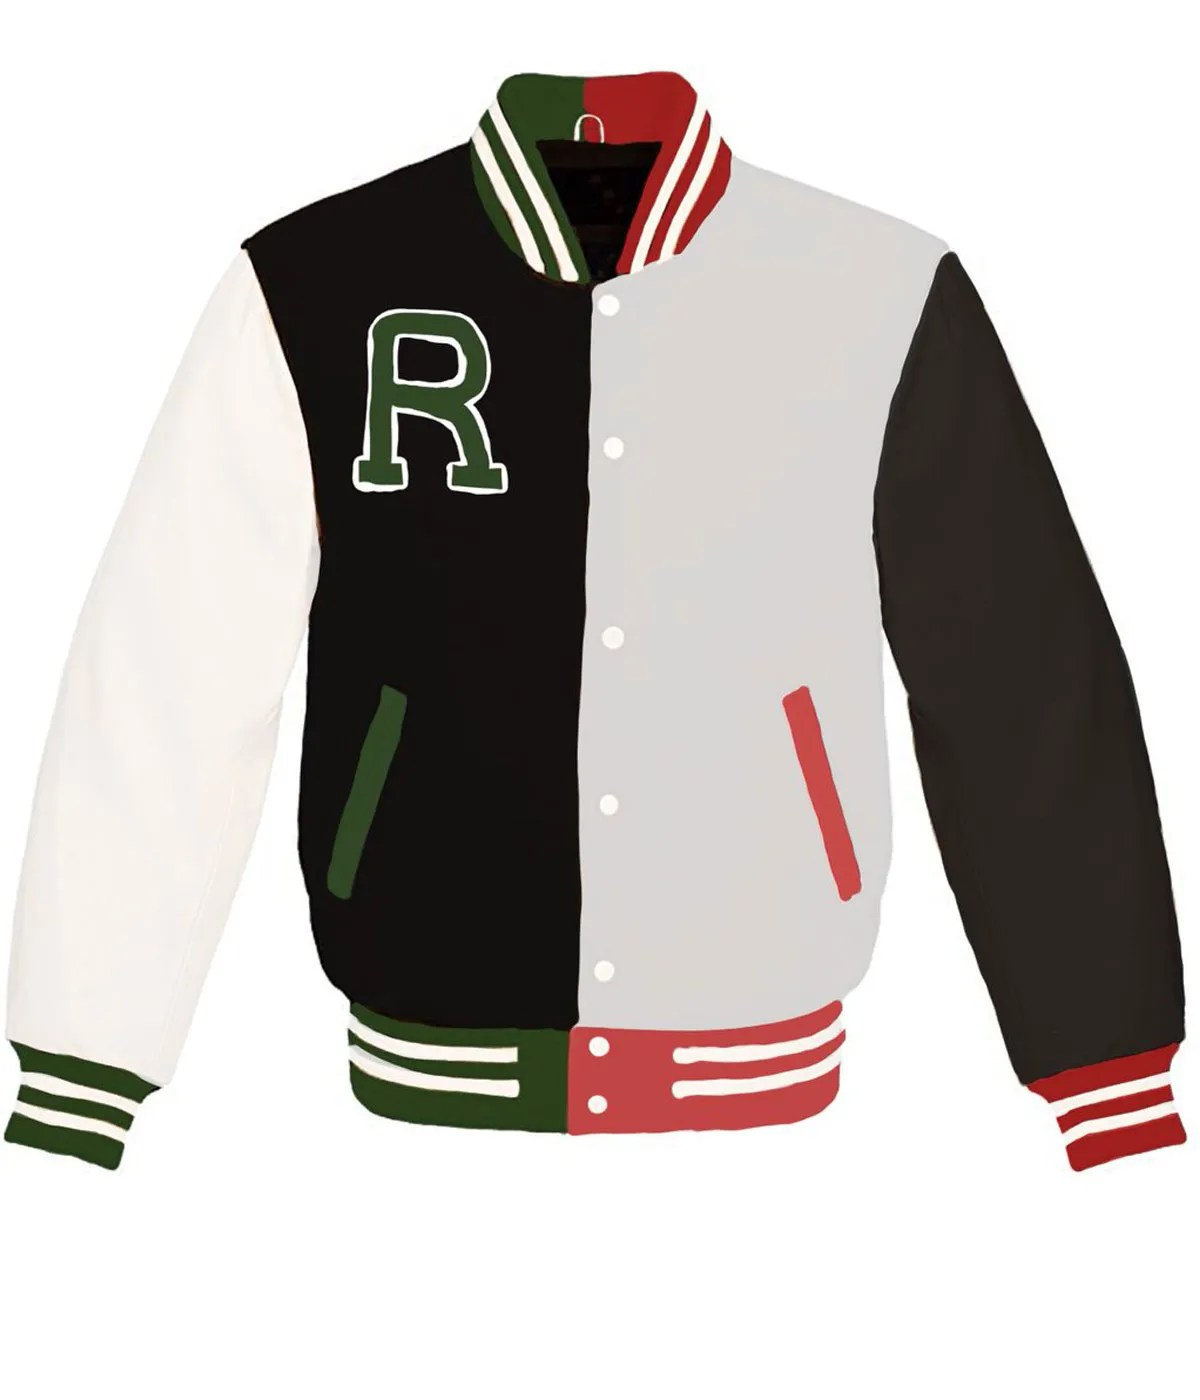 ranboo-jacket